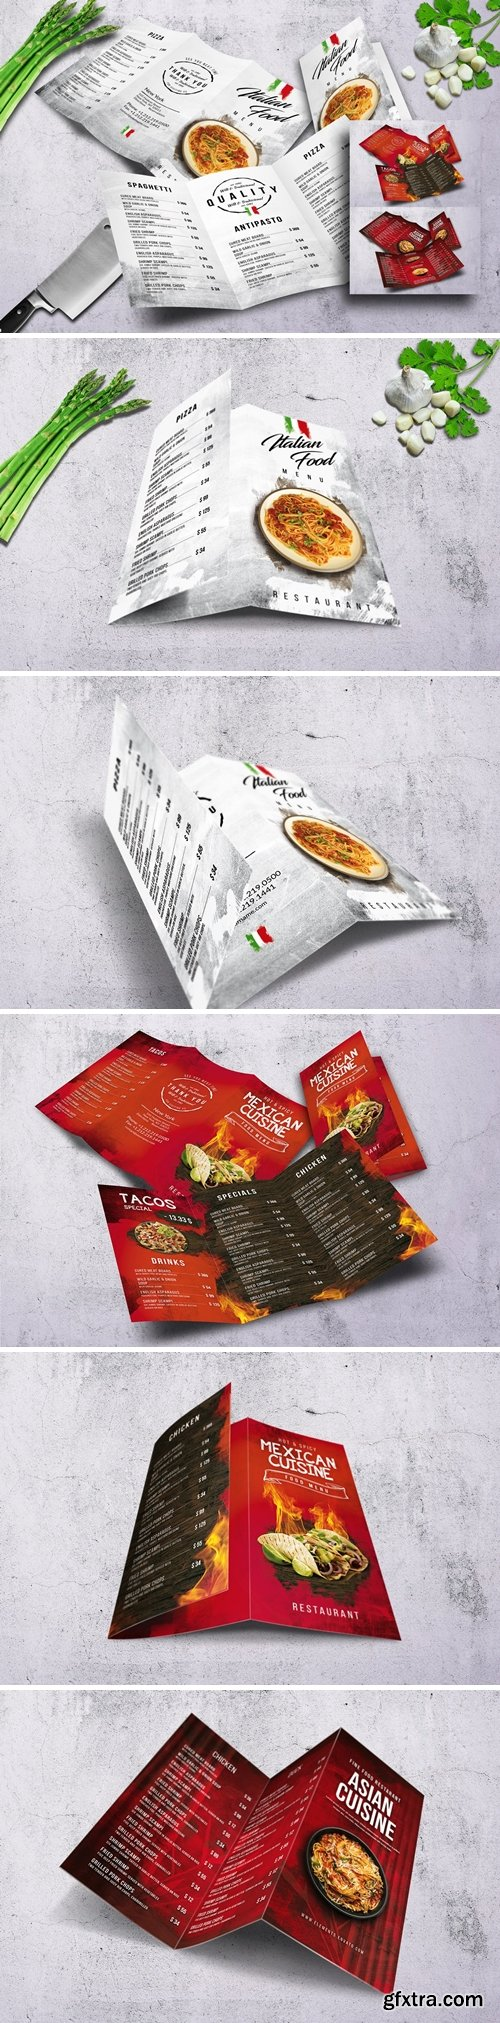 Different Cuisines Trifold Menu Bundle